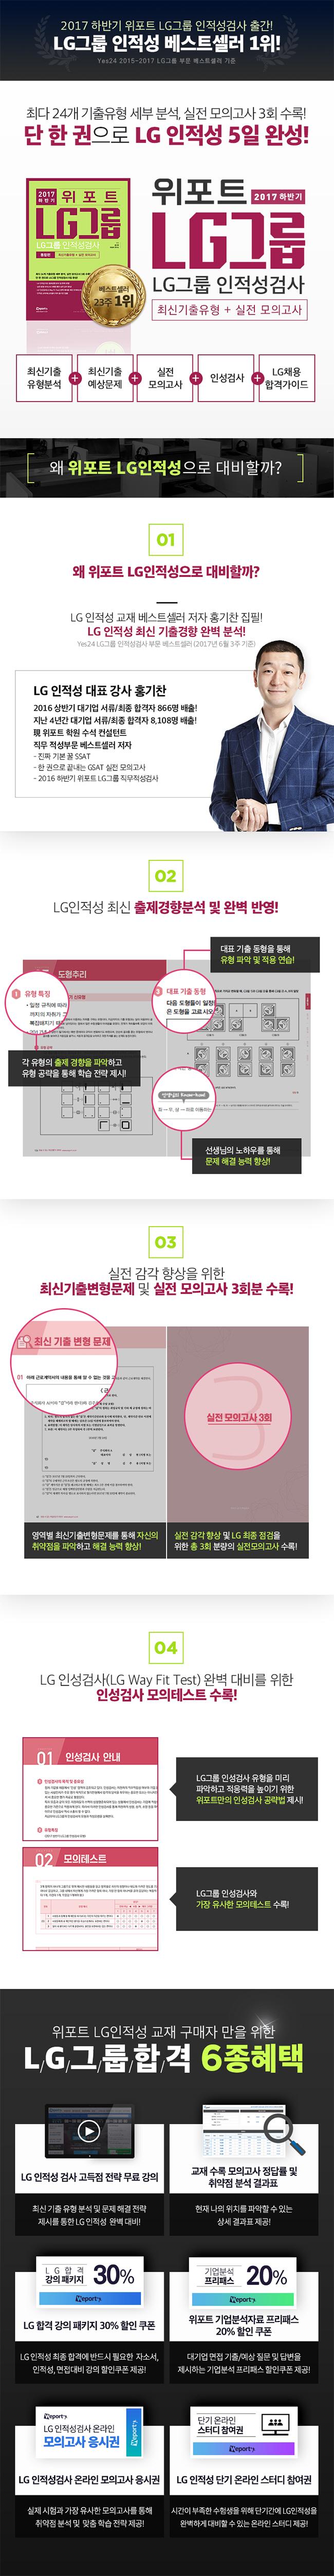 LG그룹 인적성검사 통합편 최신기출유형+실전 모의고사(2017 하반기)(위포트) 도서 상세이미지